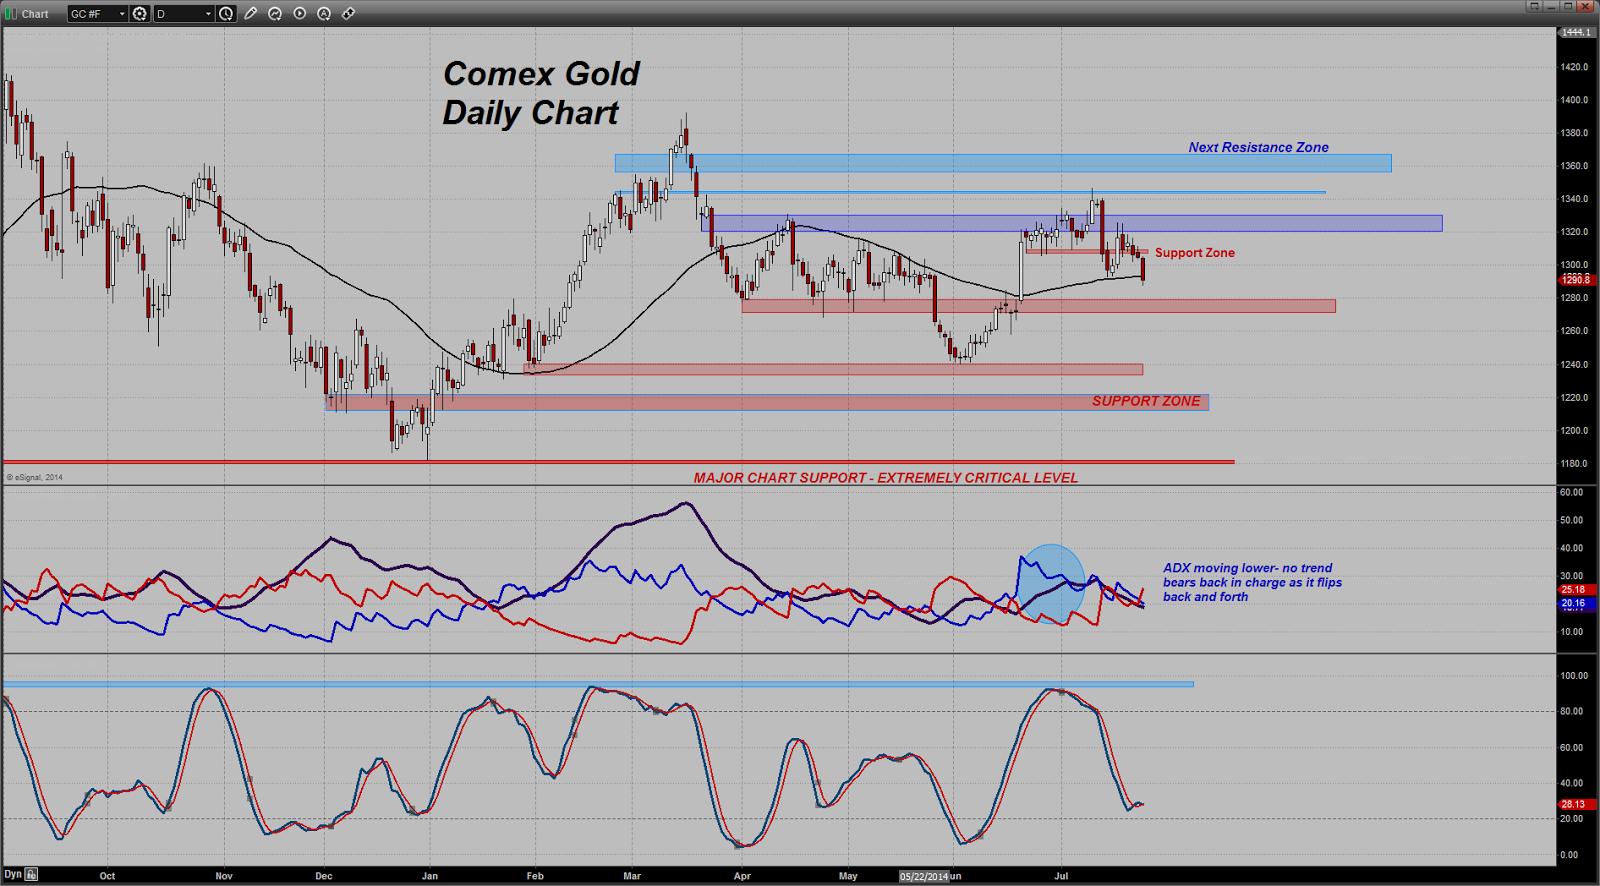 prix de l'or, de l'argent et des minières / suivi quotidien en clôture - Page 13 Chart20140724074238